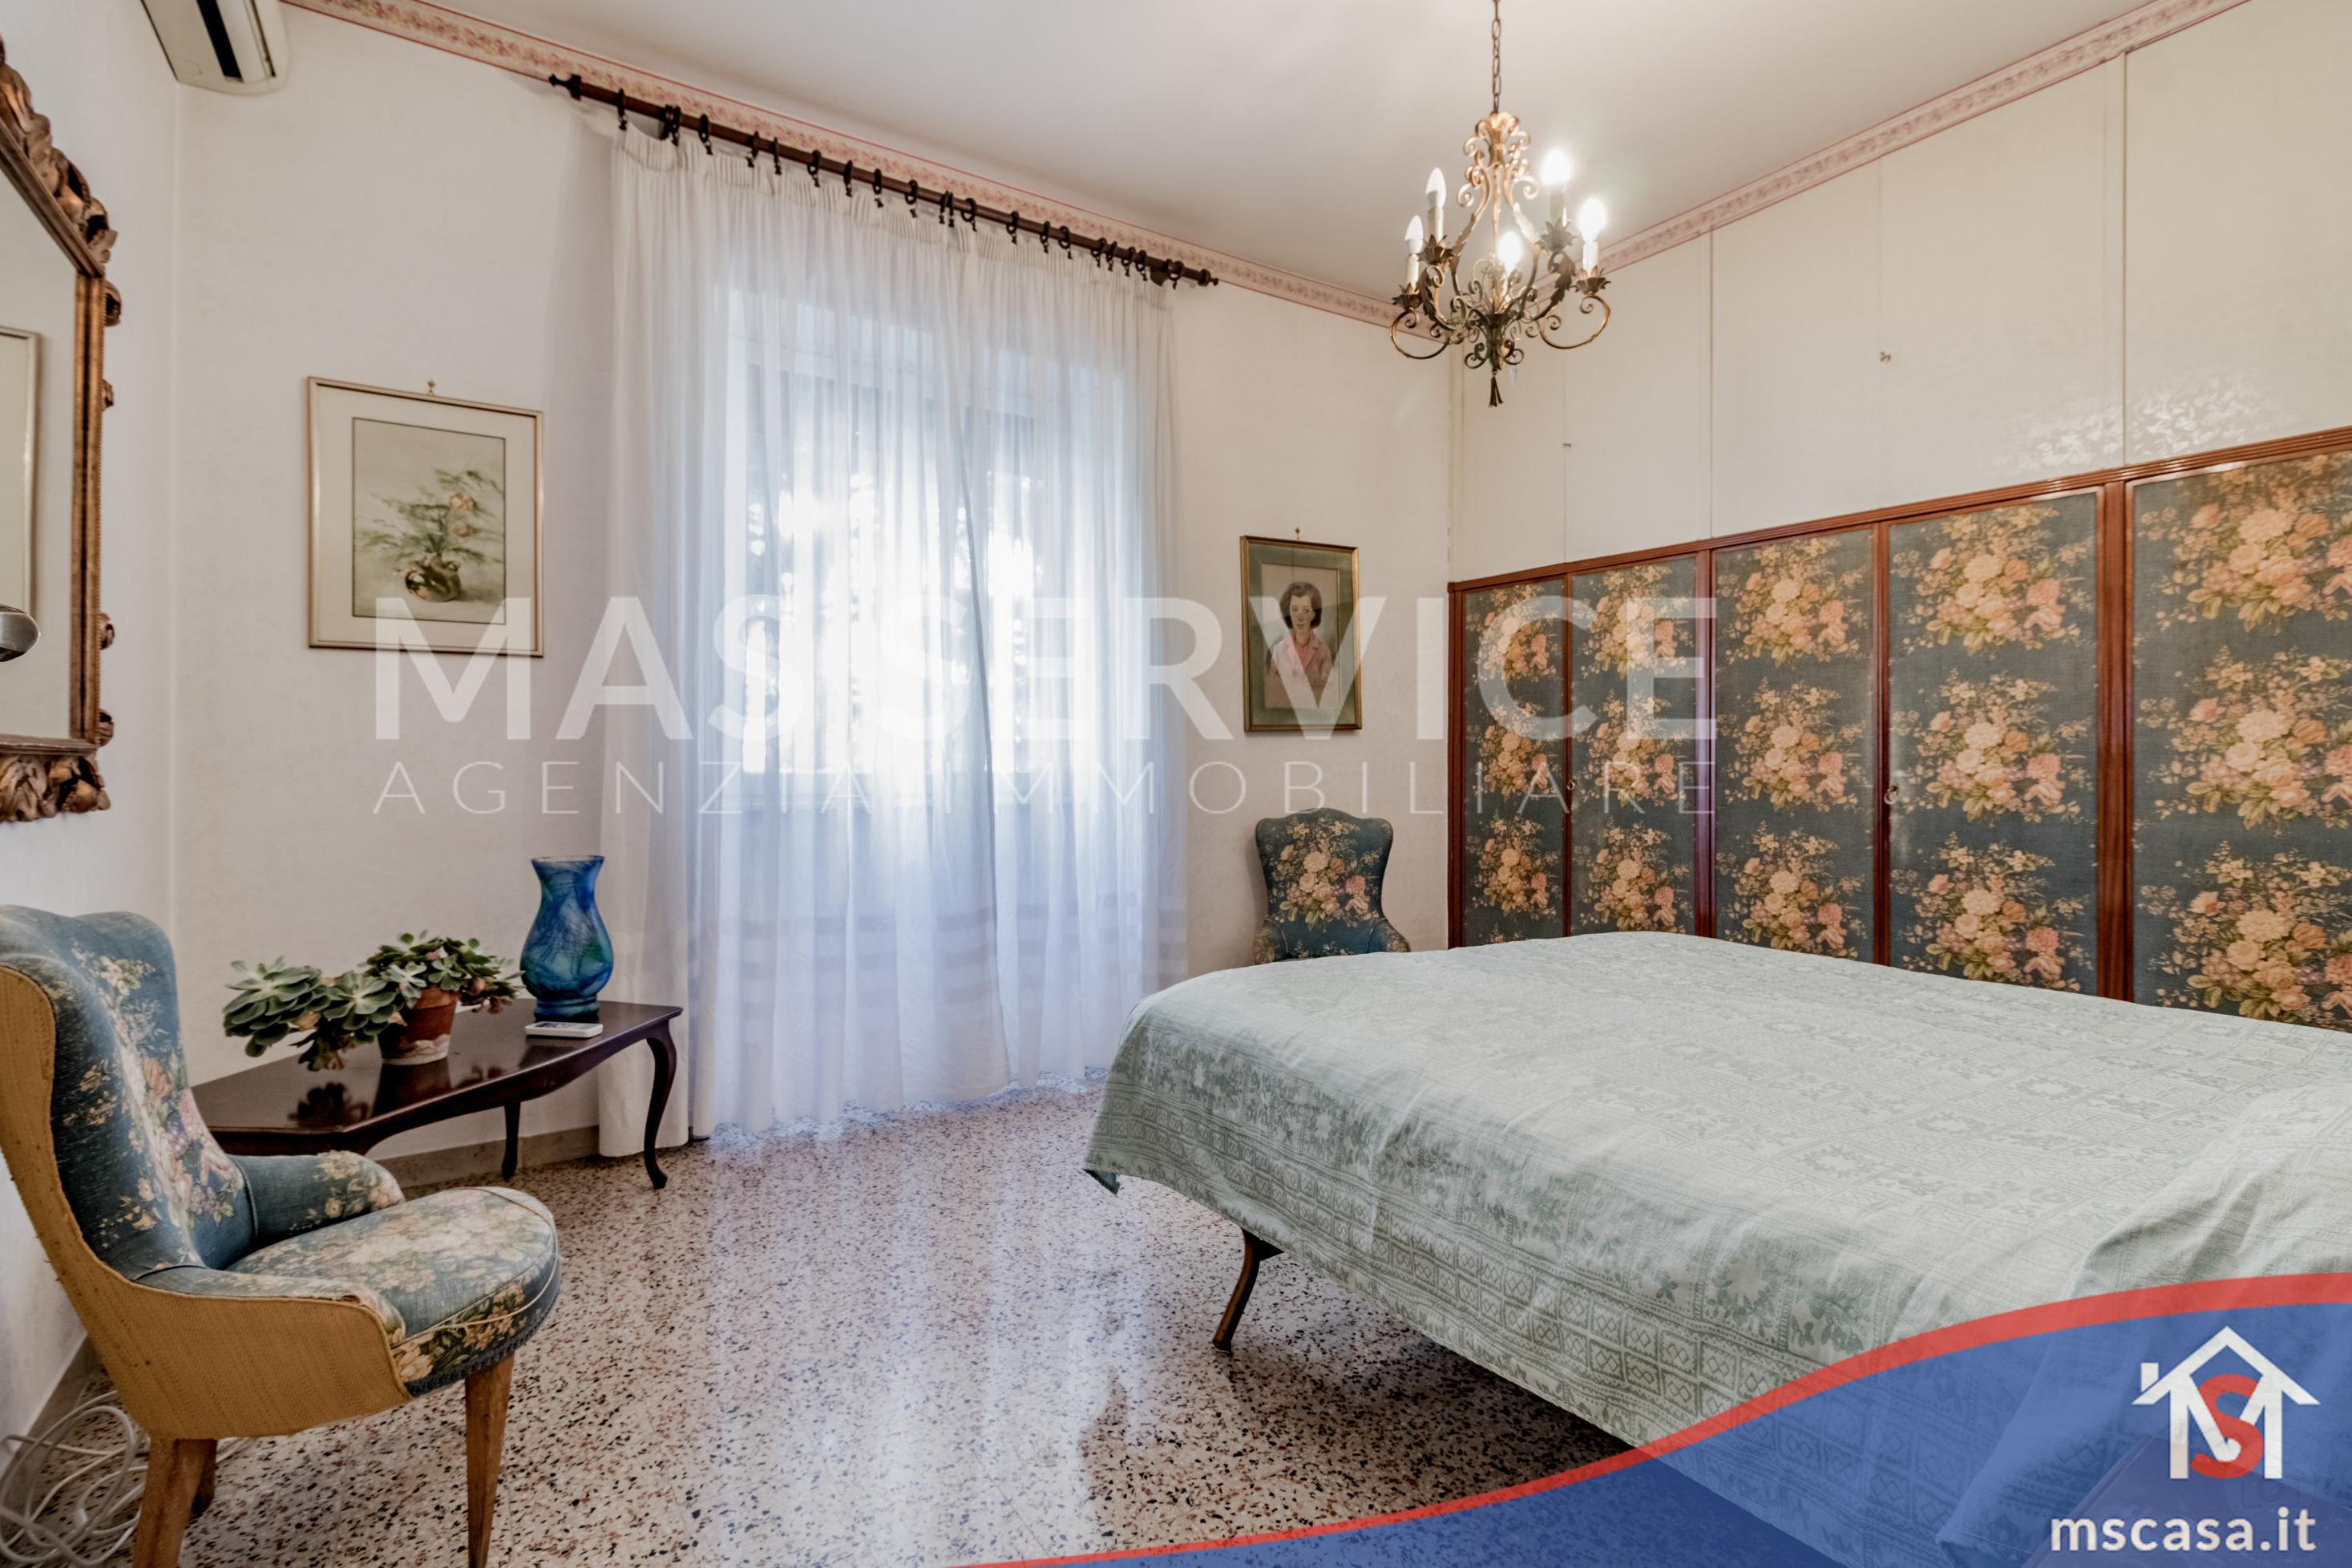 Trilocale in vendita zona Montagnola a Roma Camera Matrimoniale